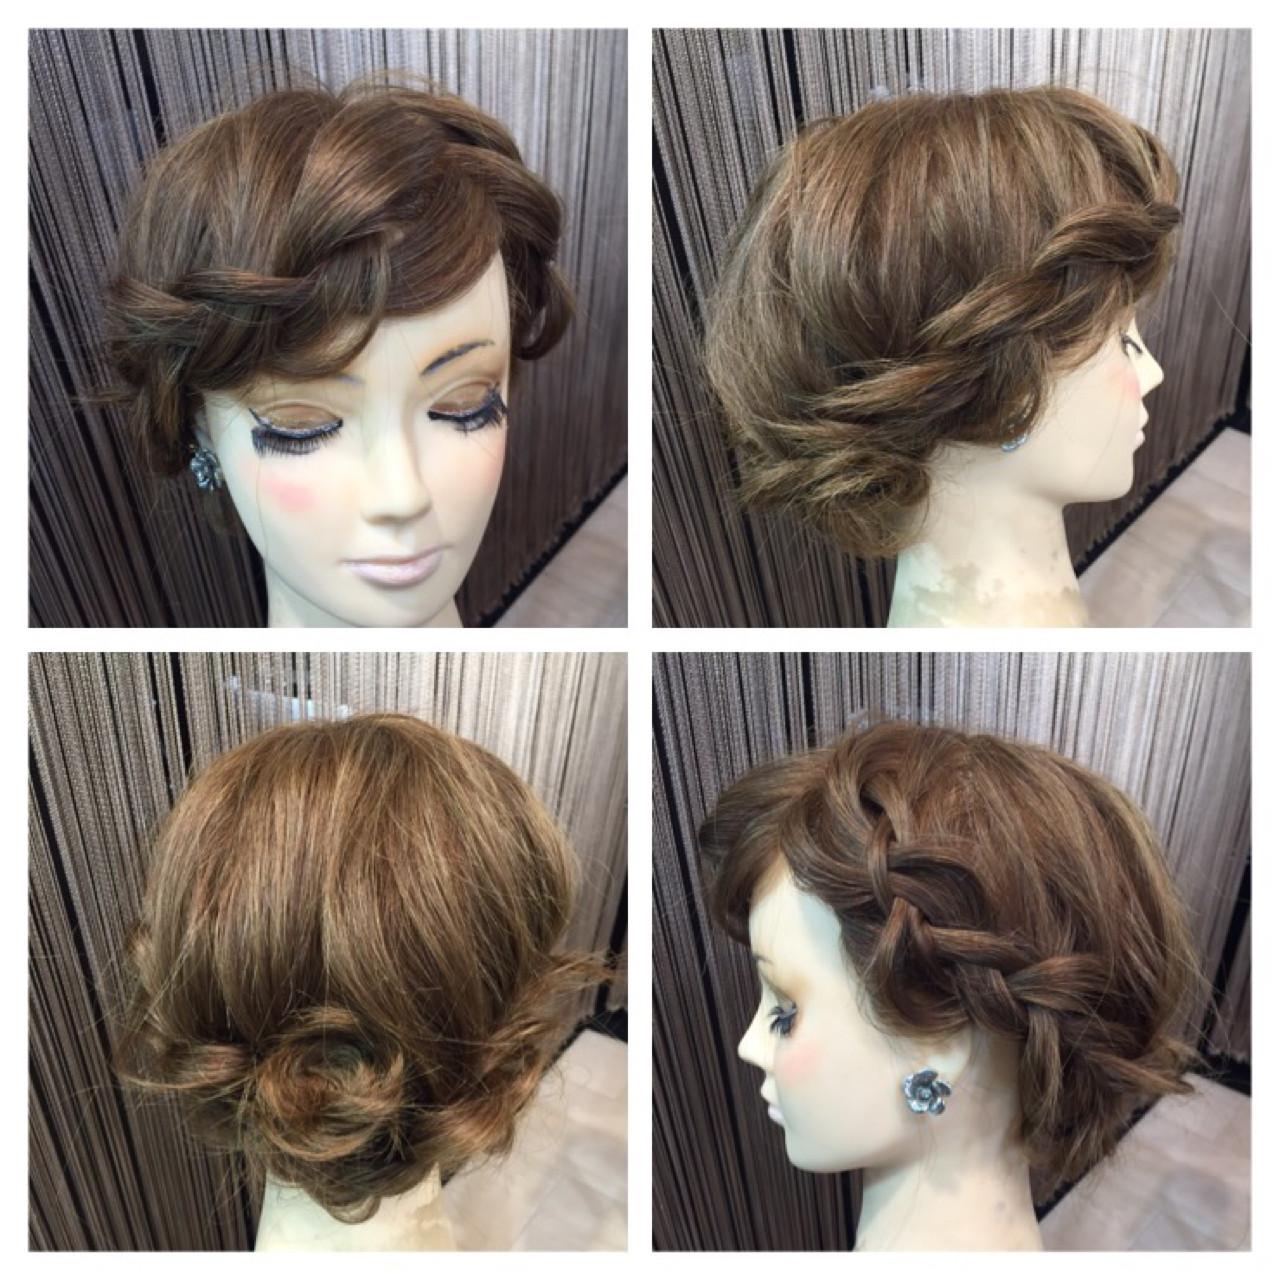 ゆるふわ 裏編み込み 波ウェーブ 簡単ヘアアレンジ ヘアスタイルや髪型の写真・画像